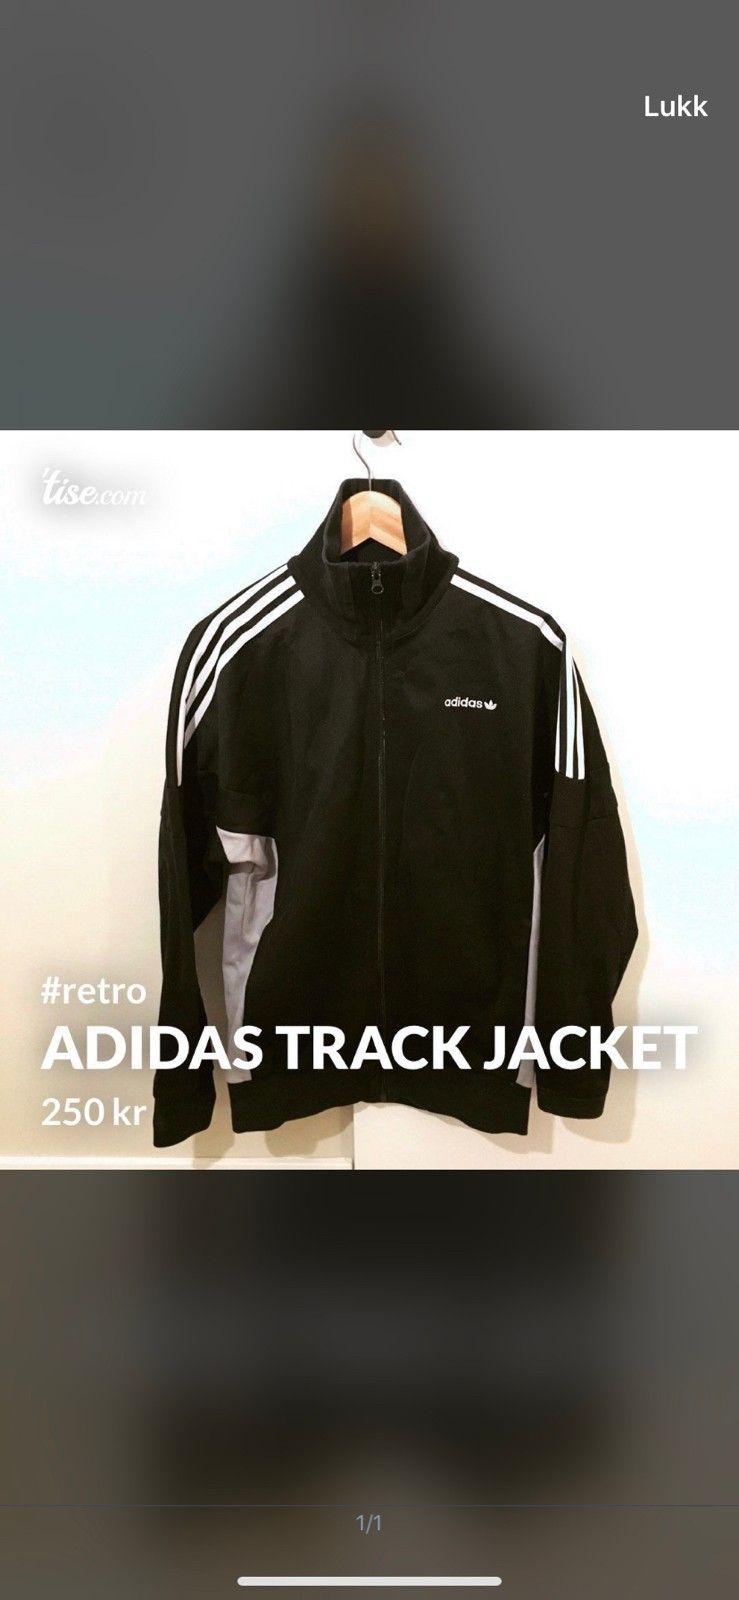 Retro adidas jakke • Tise